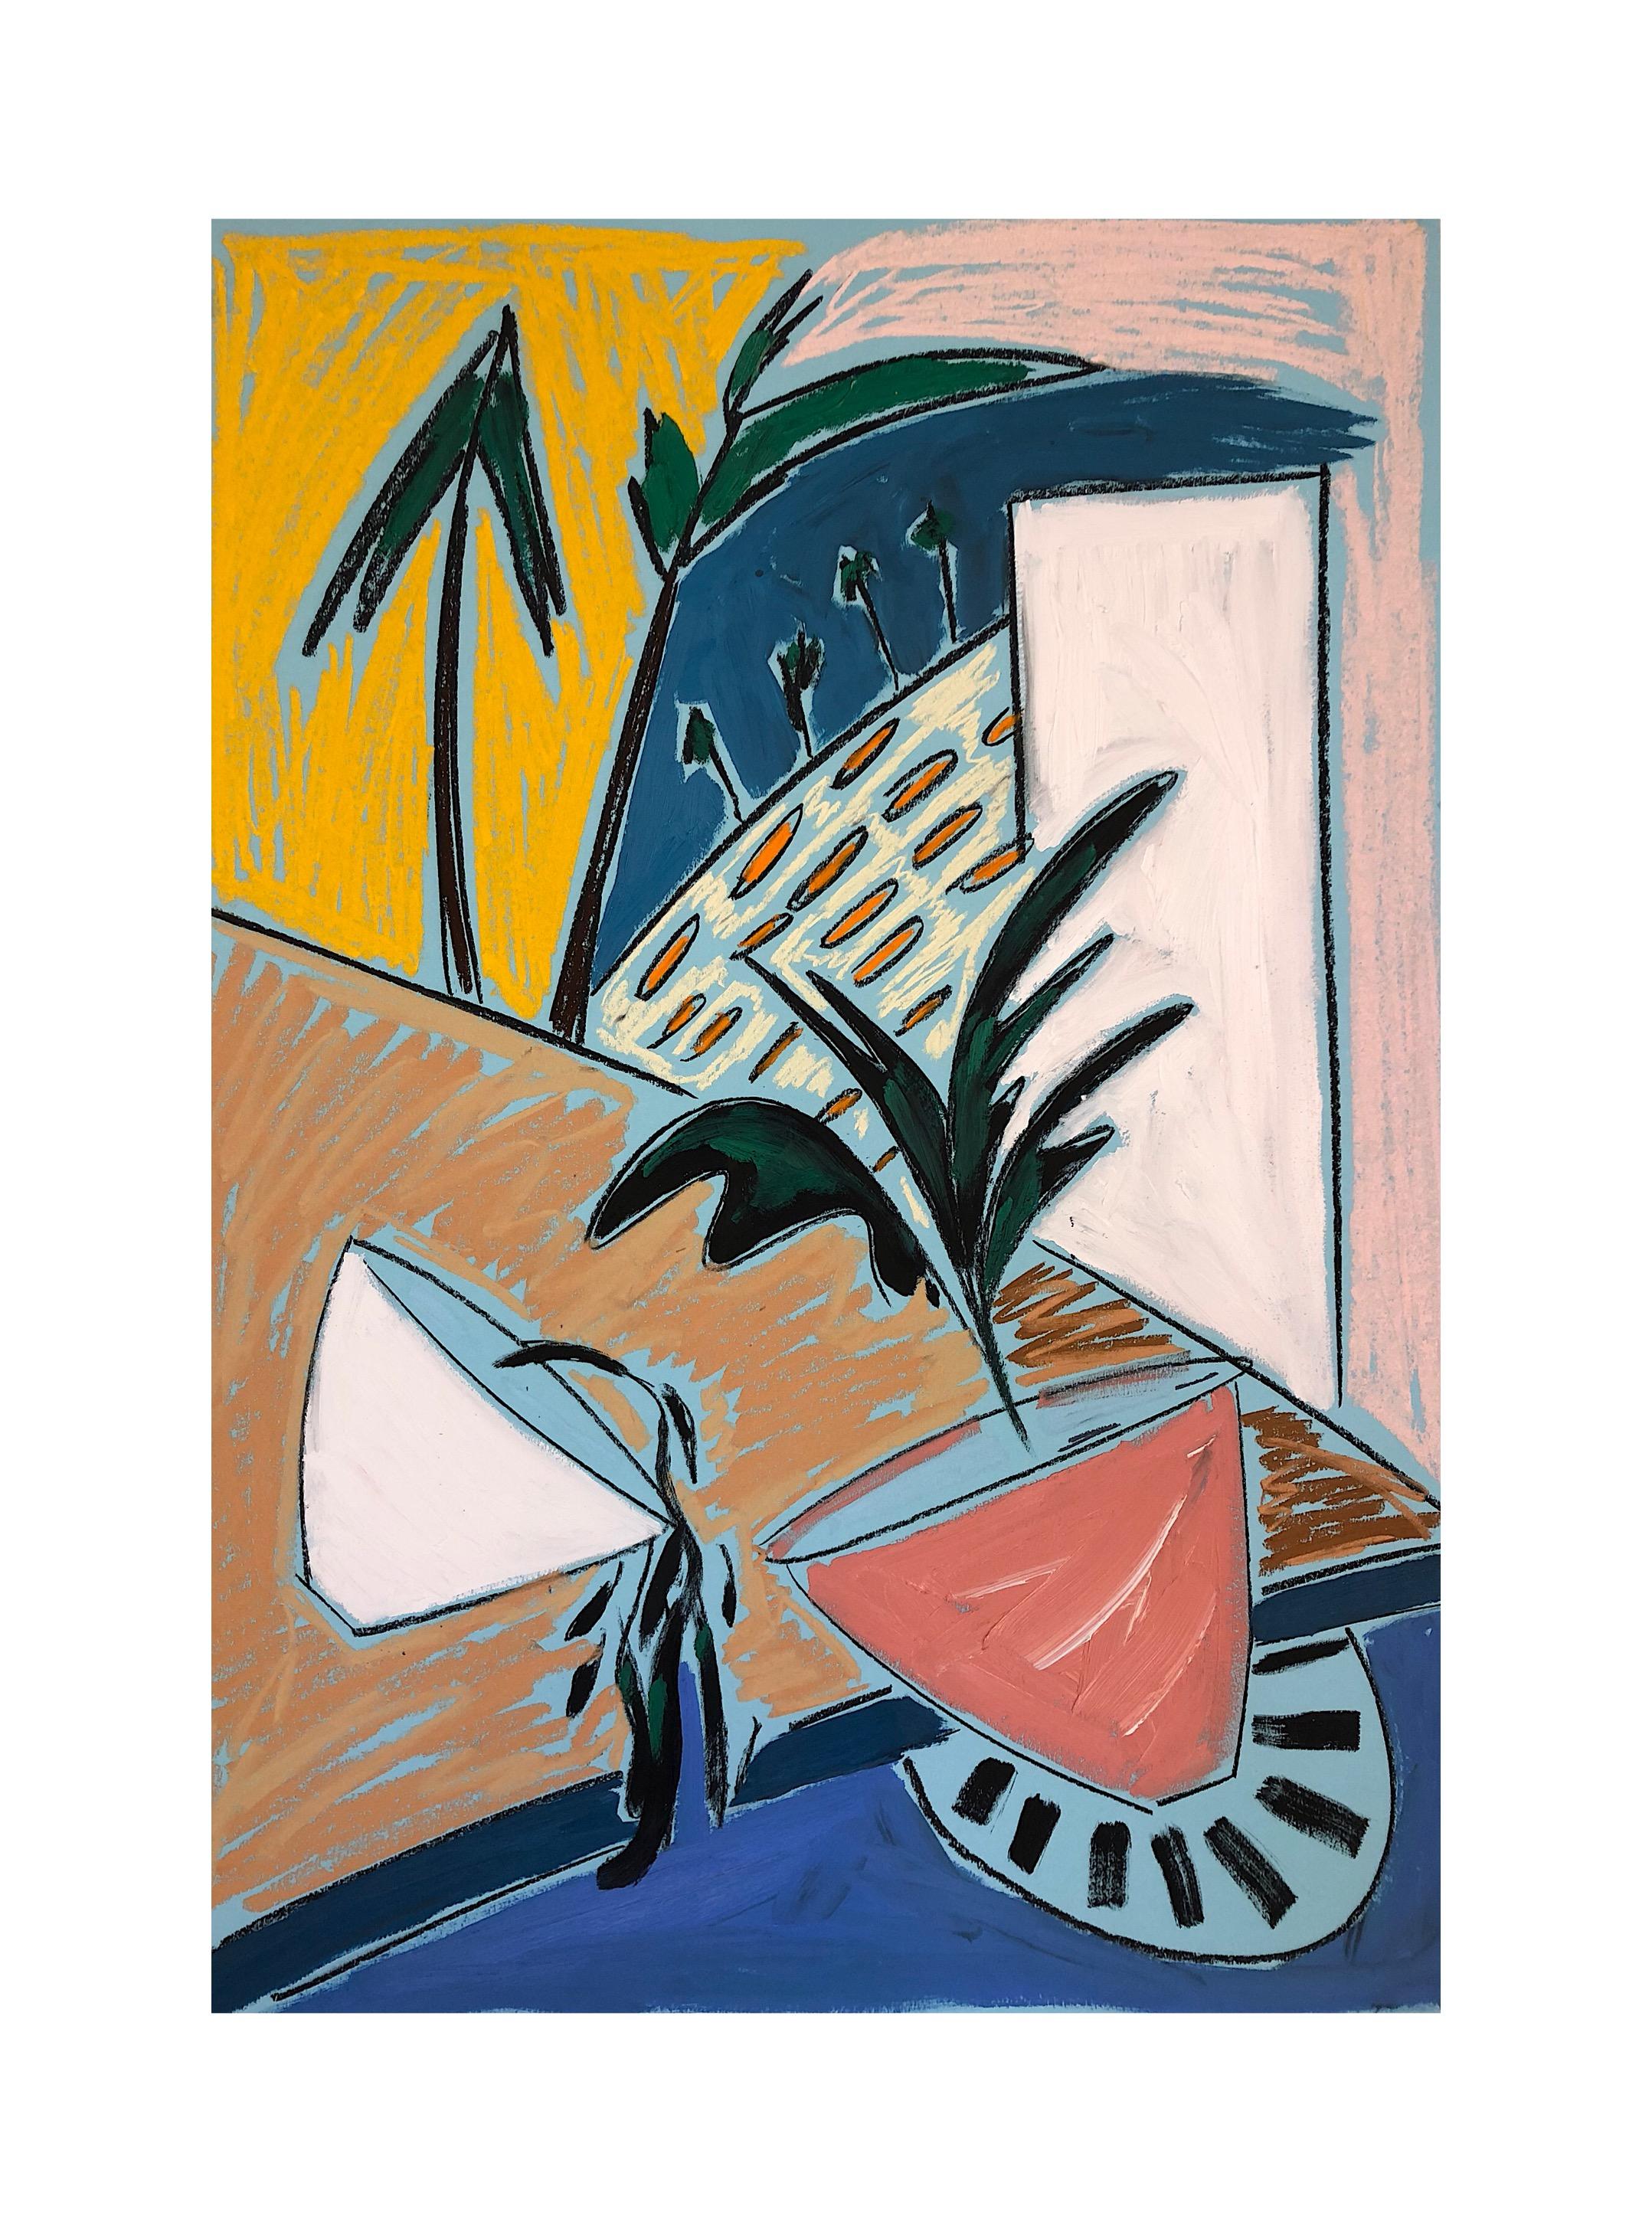 'Retour aux Arbres IV', Pastels and oil paint on paper, 84x58cm